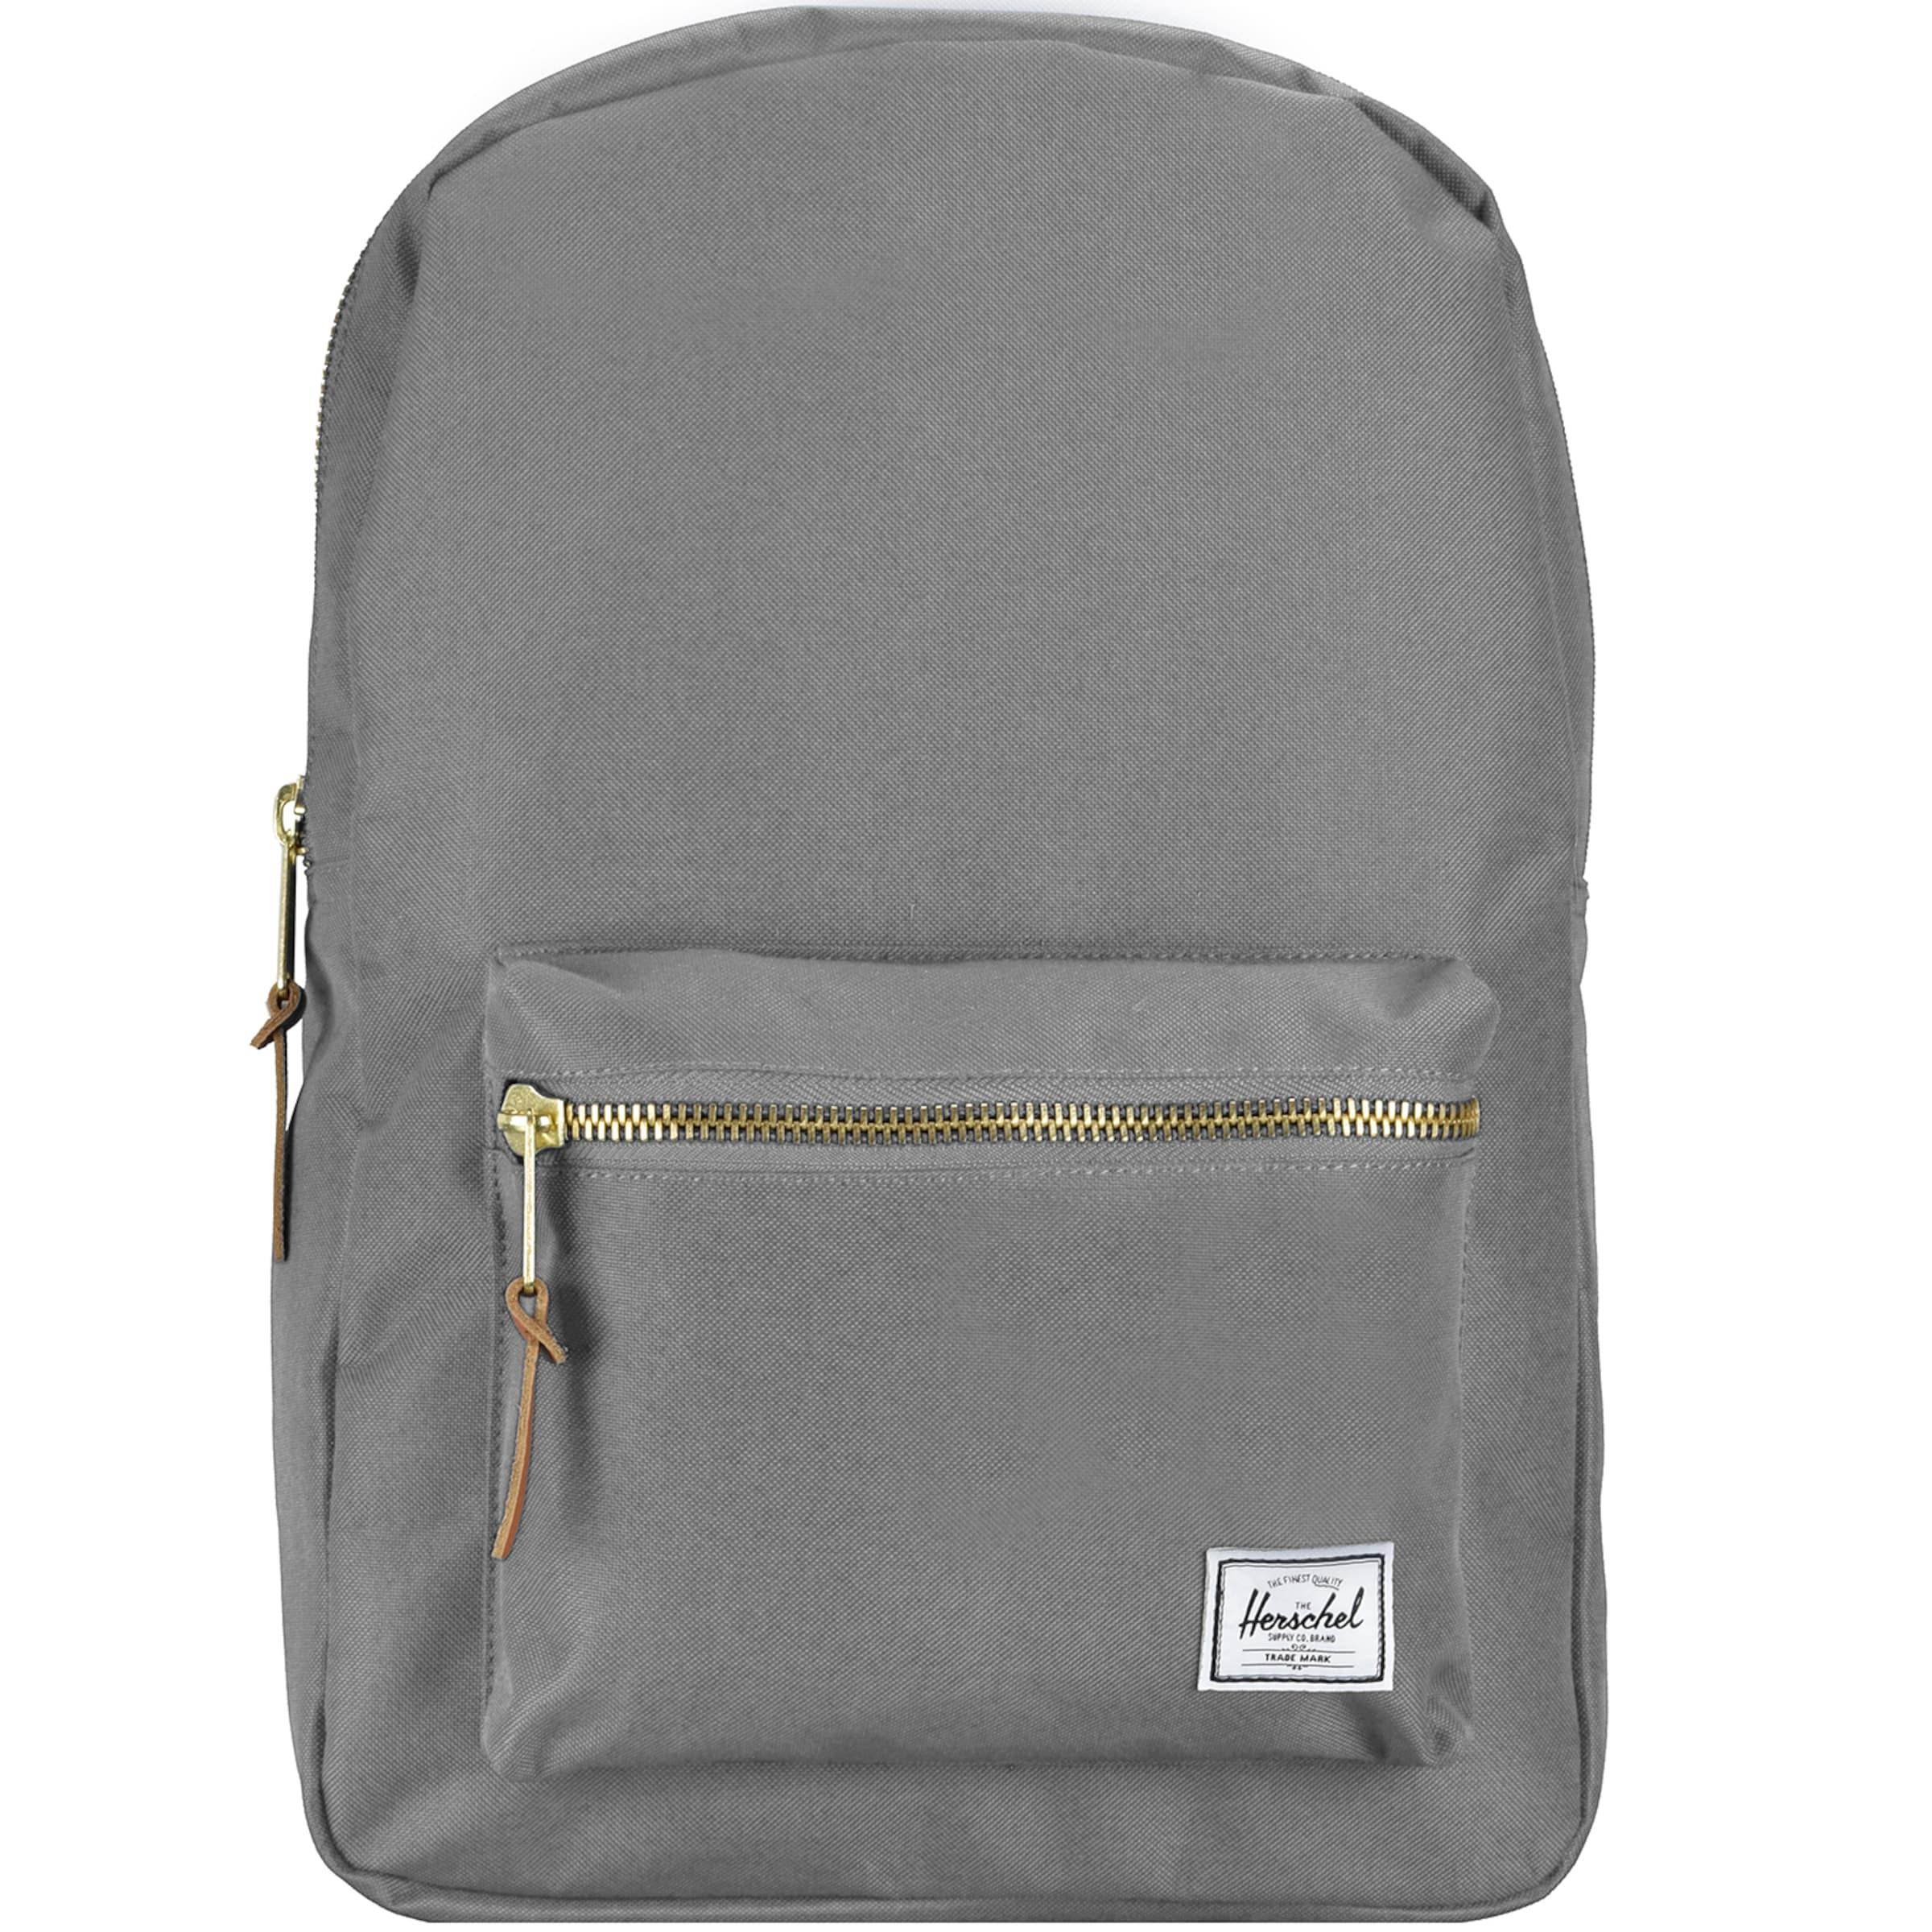 Die Günstigste Online-Verkauf Herschel Backpack Rucksack 44 cm Laptopfach Günstig Kaufen Finden Große Factory-Outlet-Online BJ6CLlZ